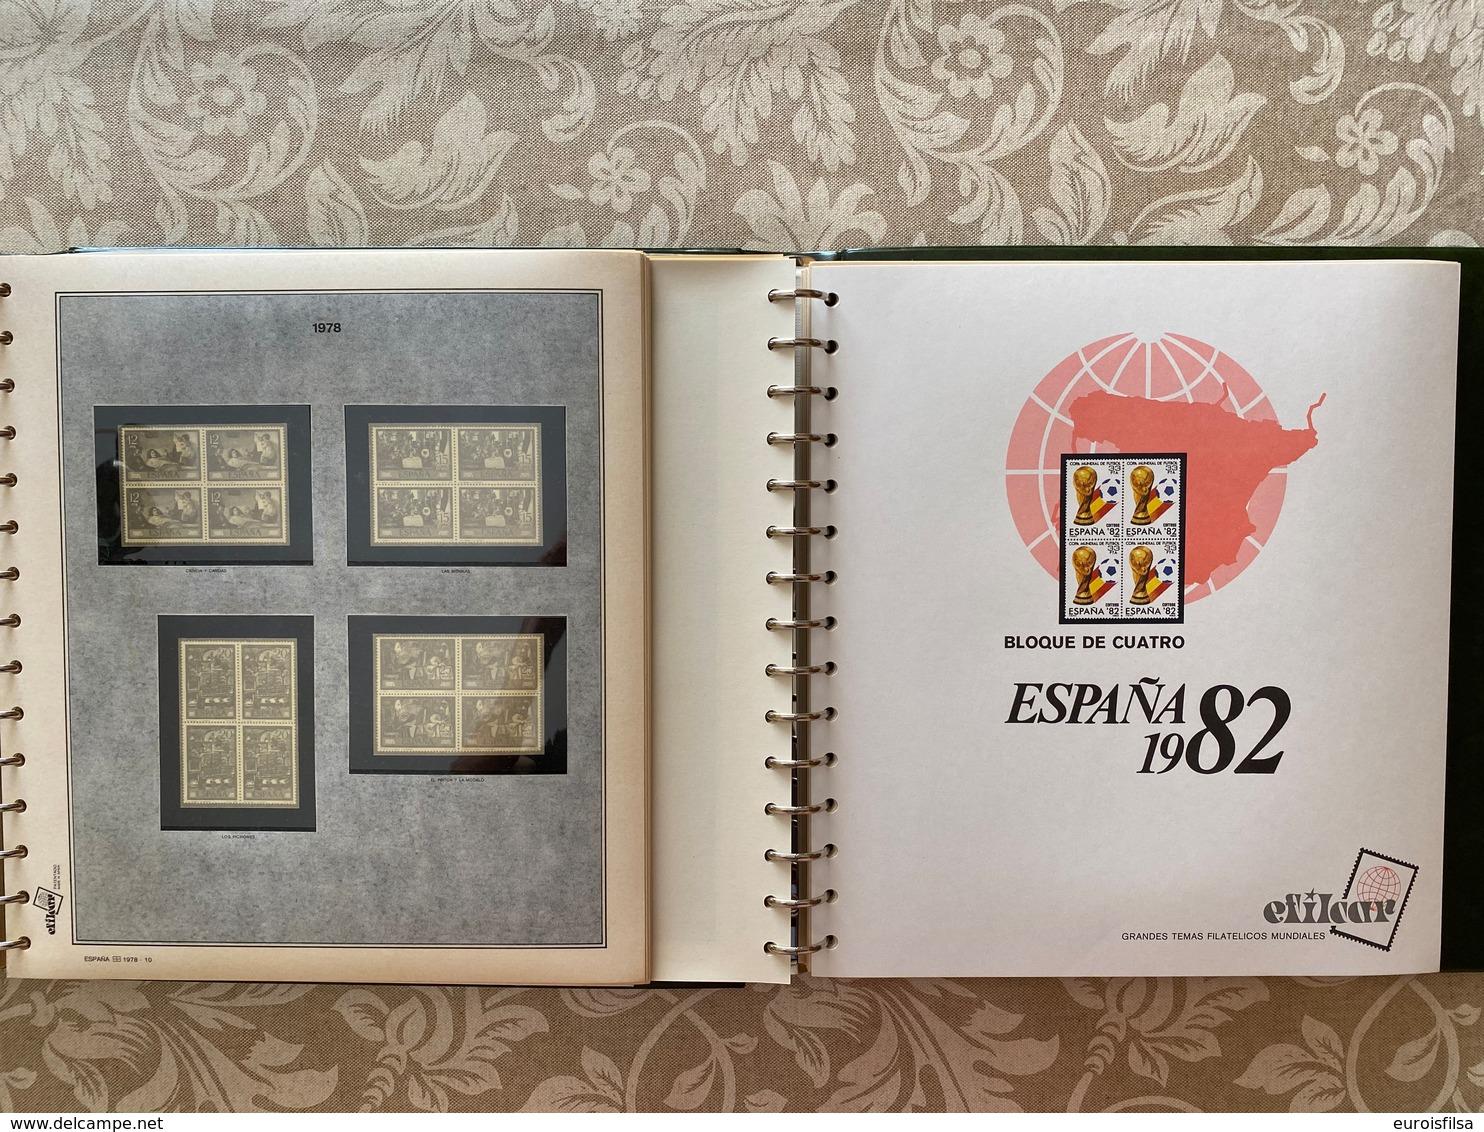 LOTE202, ESPAÑA, CINCO ALBUM CON SUPLEMENTOS BLOQUE 4, 1976/1997,  80% DTO. - Álbumes & Encuadernaciones